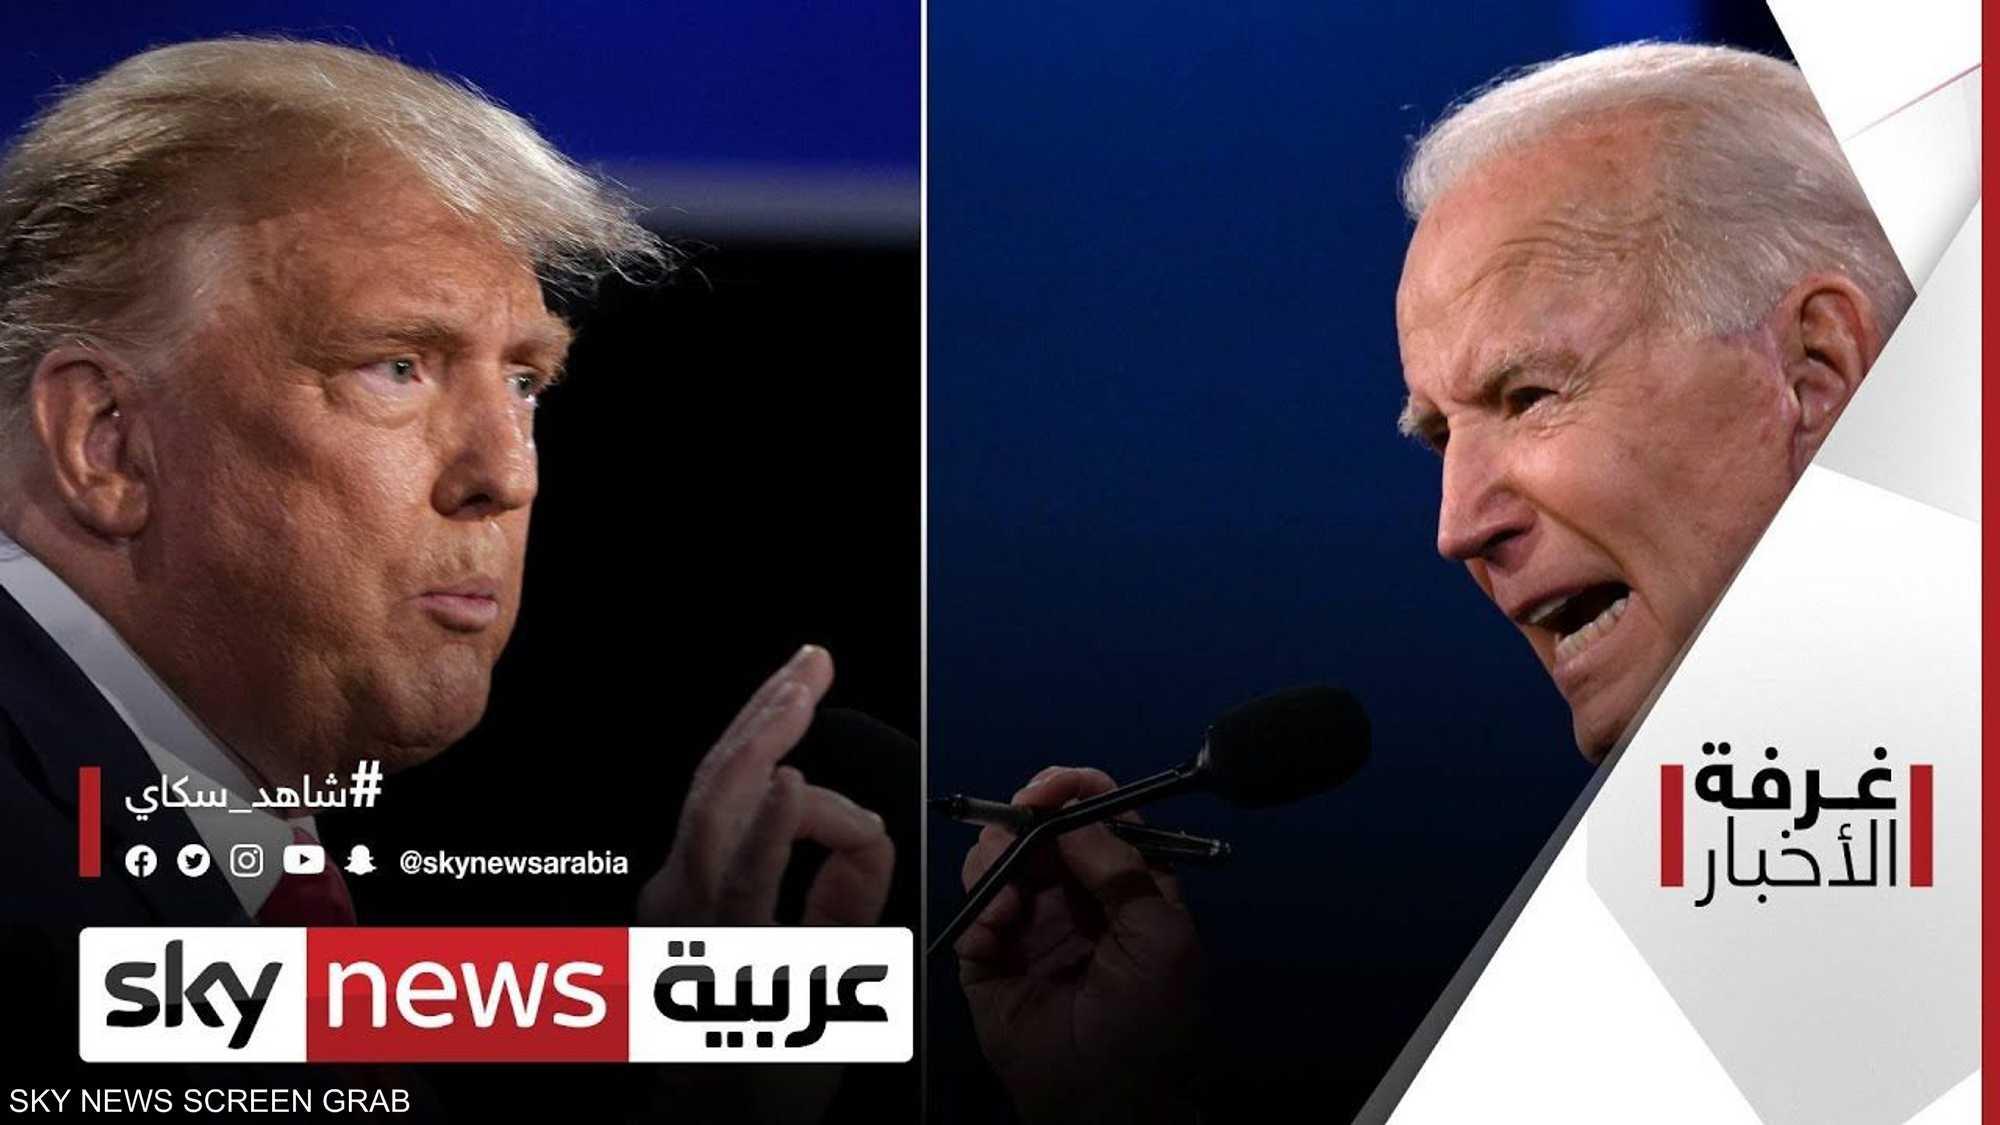 الانتخابات الأميركية.. أسبوع حاسم قبل المعركة